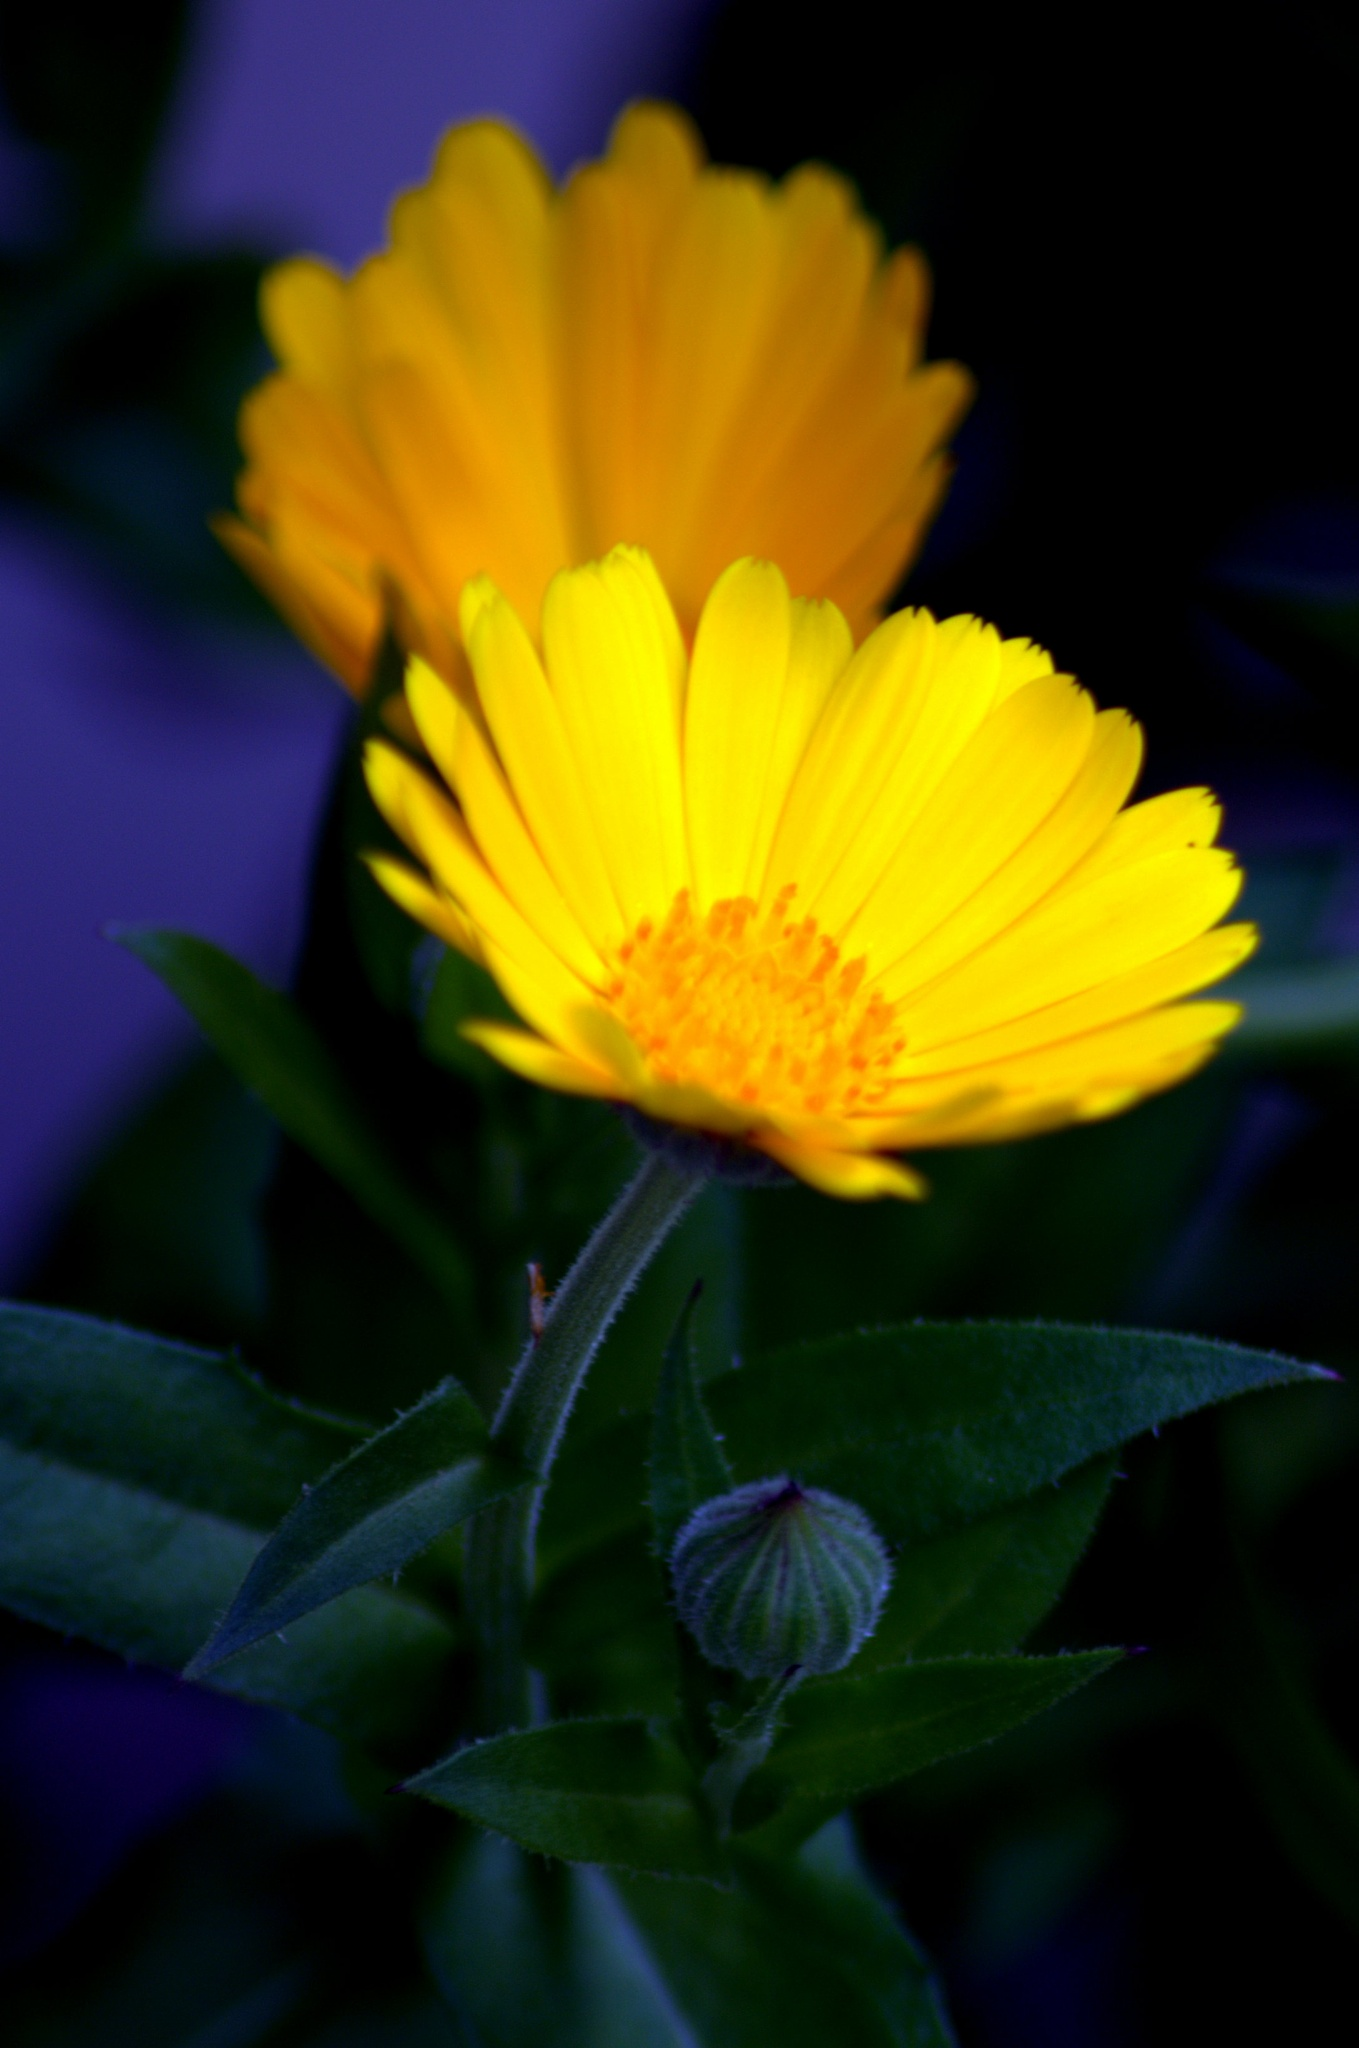 yellow flower1 by Saravanan Veeru